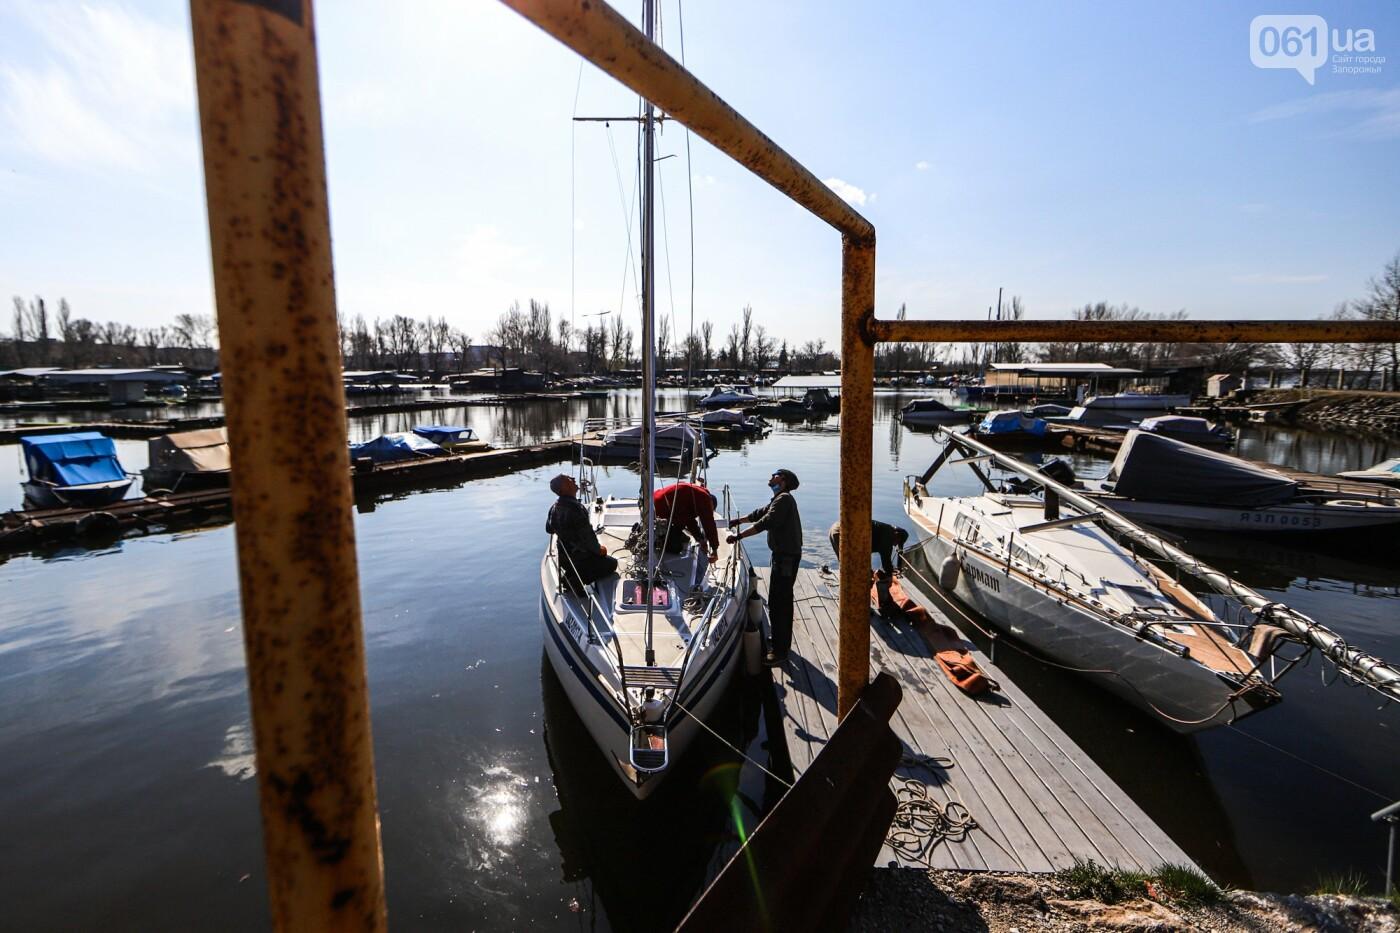 Монтаж первого пролета вантового моста, транспортный локдаун и репортаж из заброшенной шахты: апрель в фотографиях, фото-31